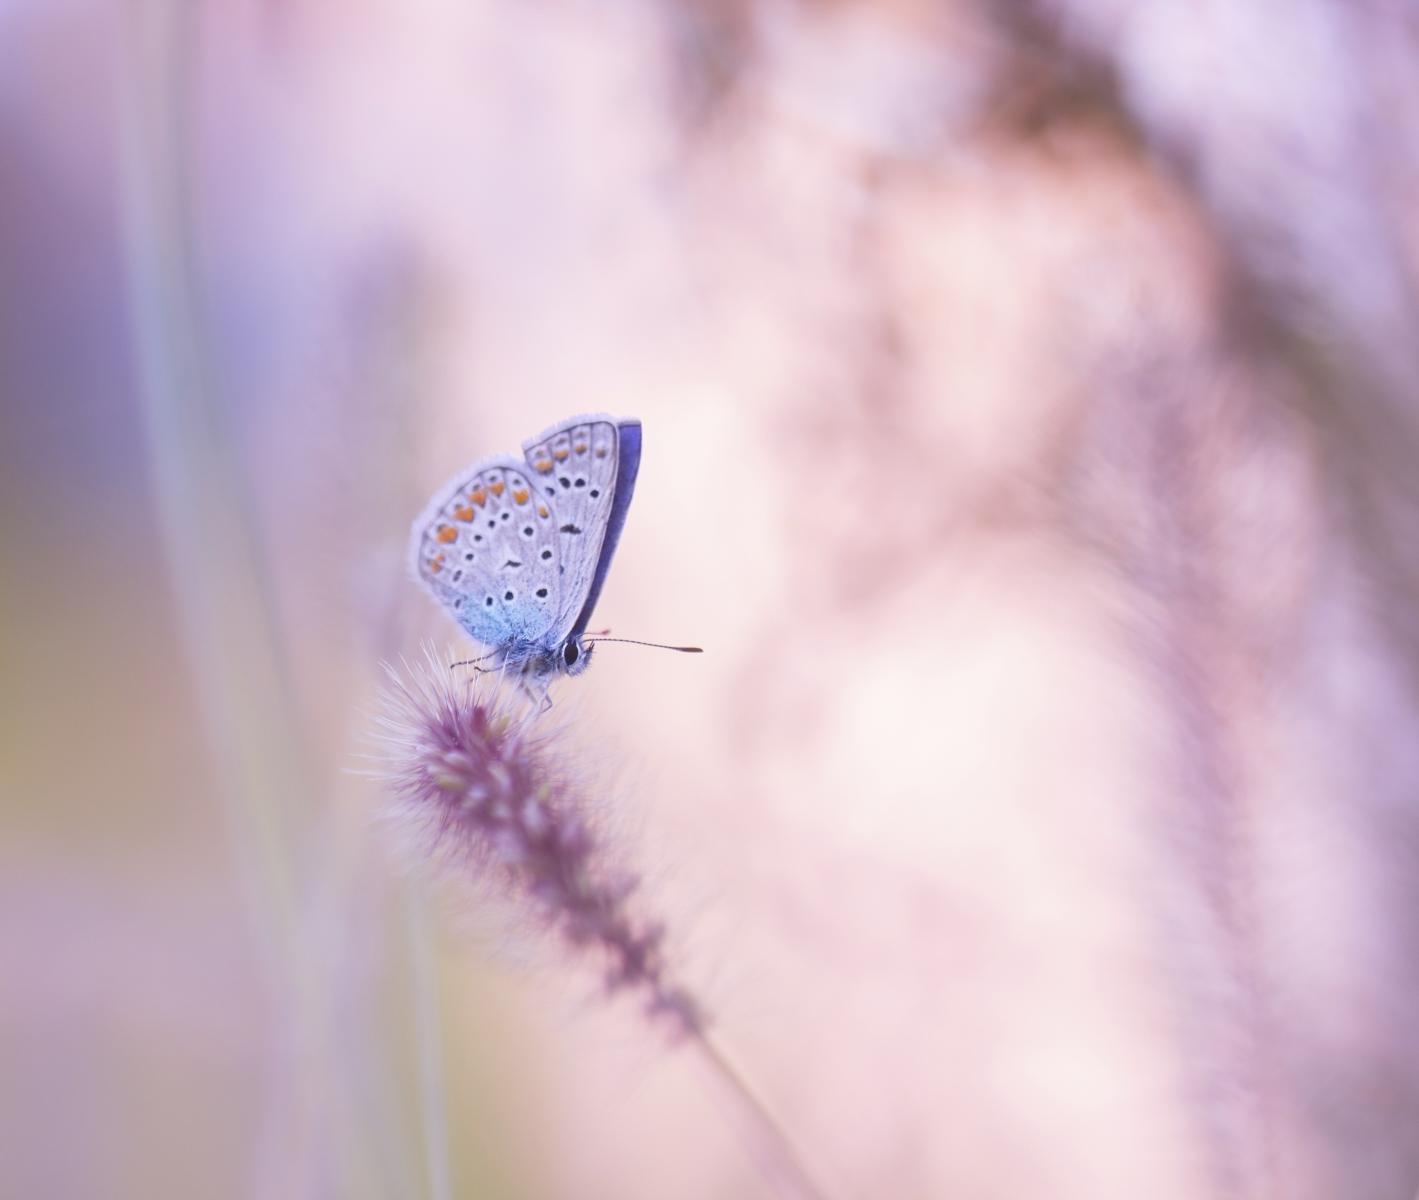 Poput leptira - dobili smo krila i napokon krenuli djelovati.